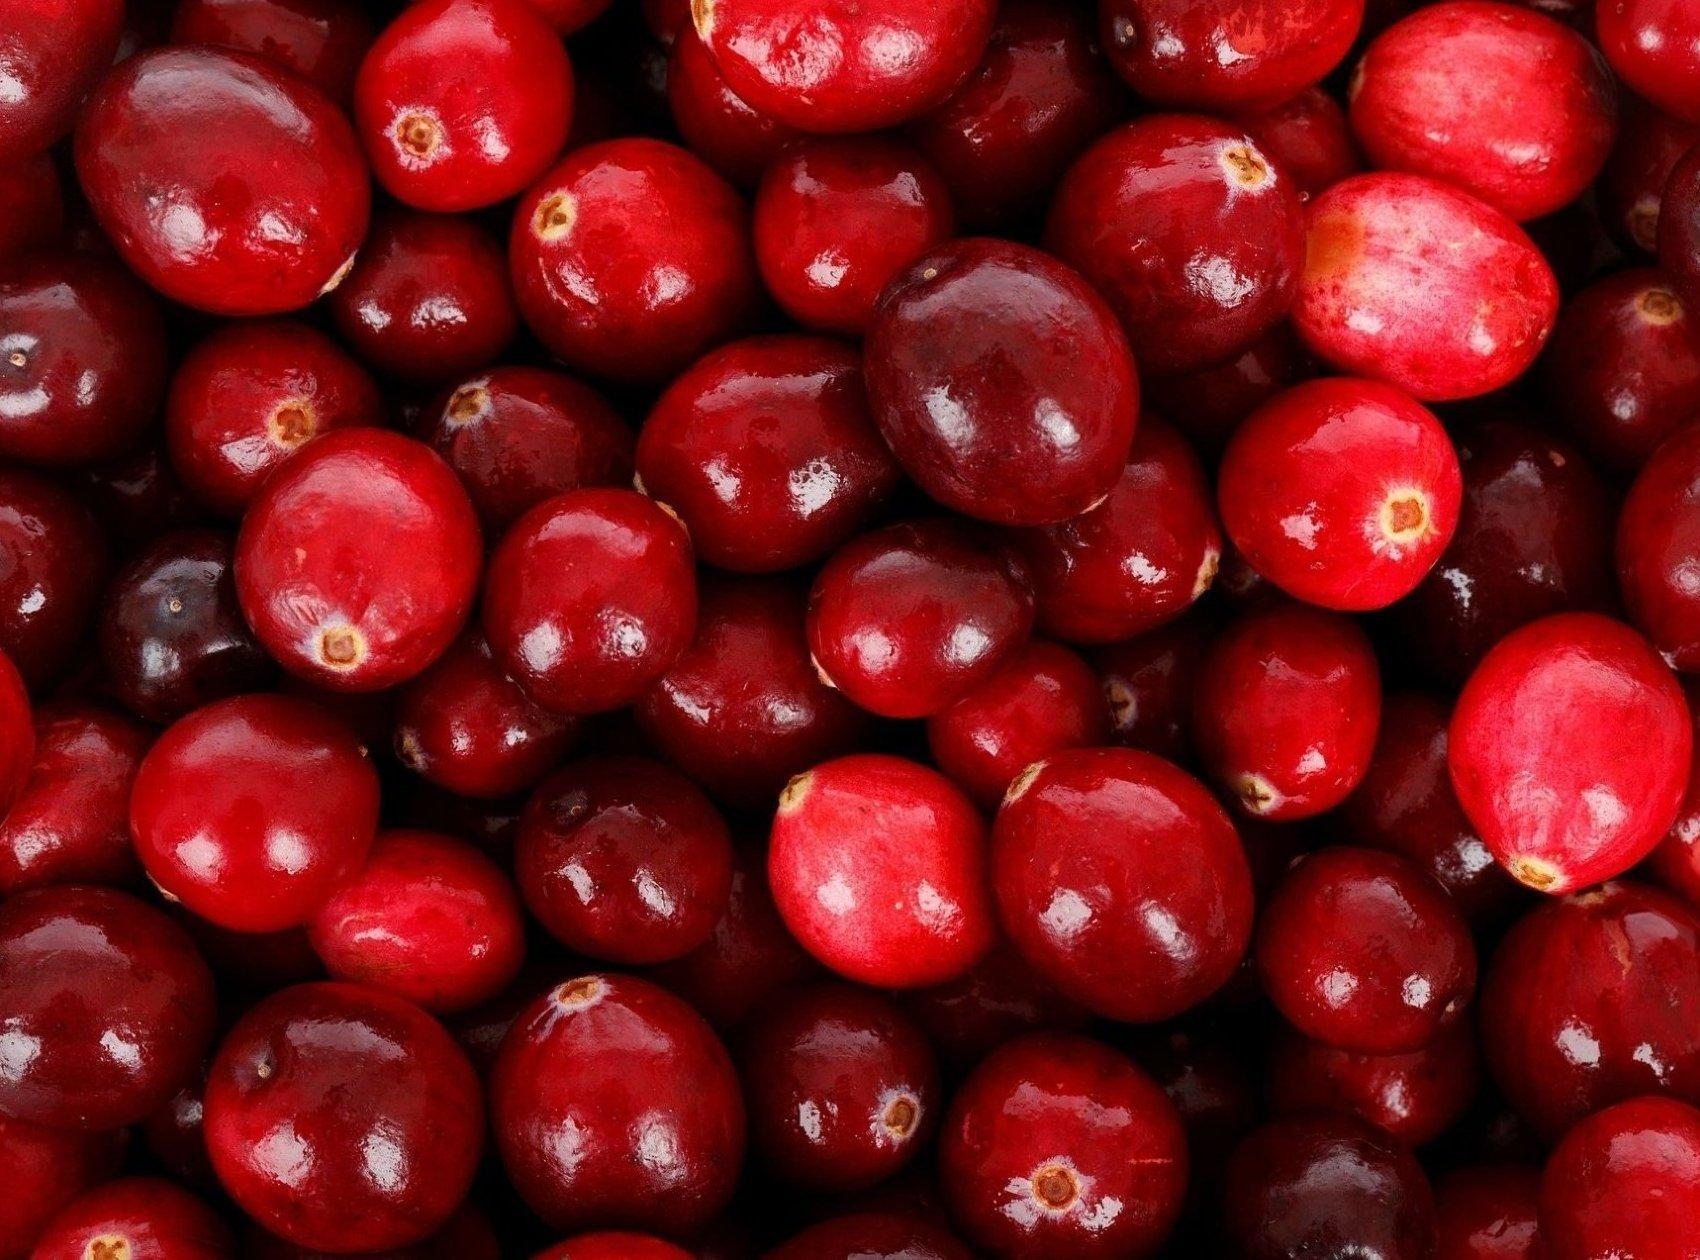 Venta online de plantas de arándano rojo